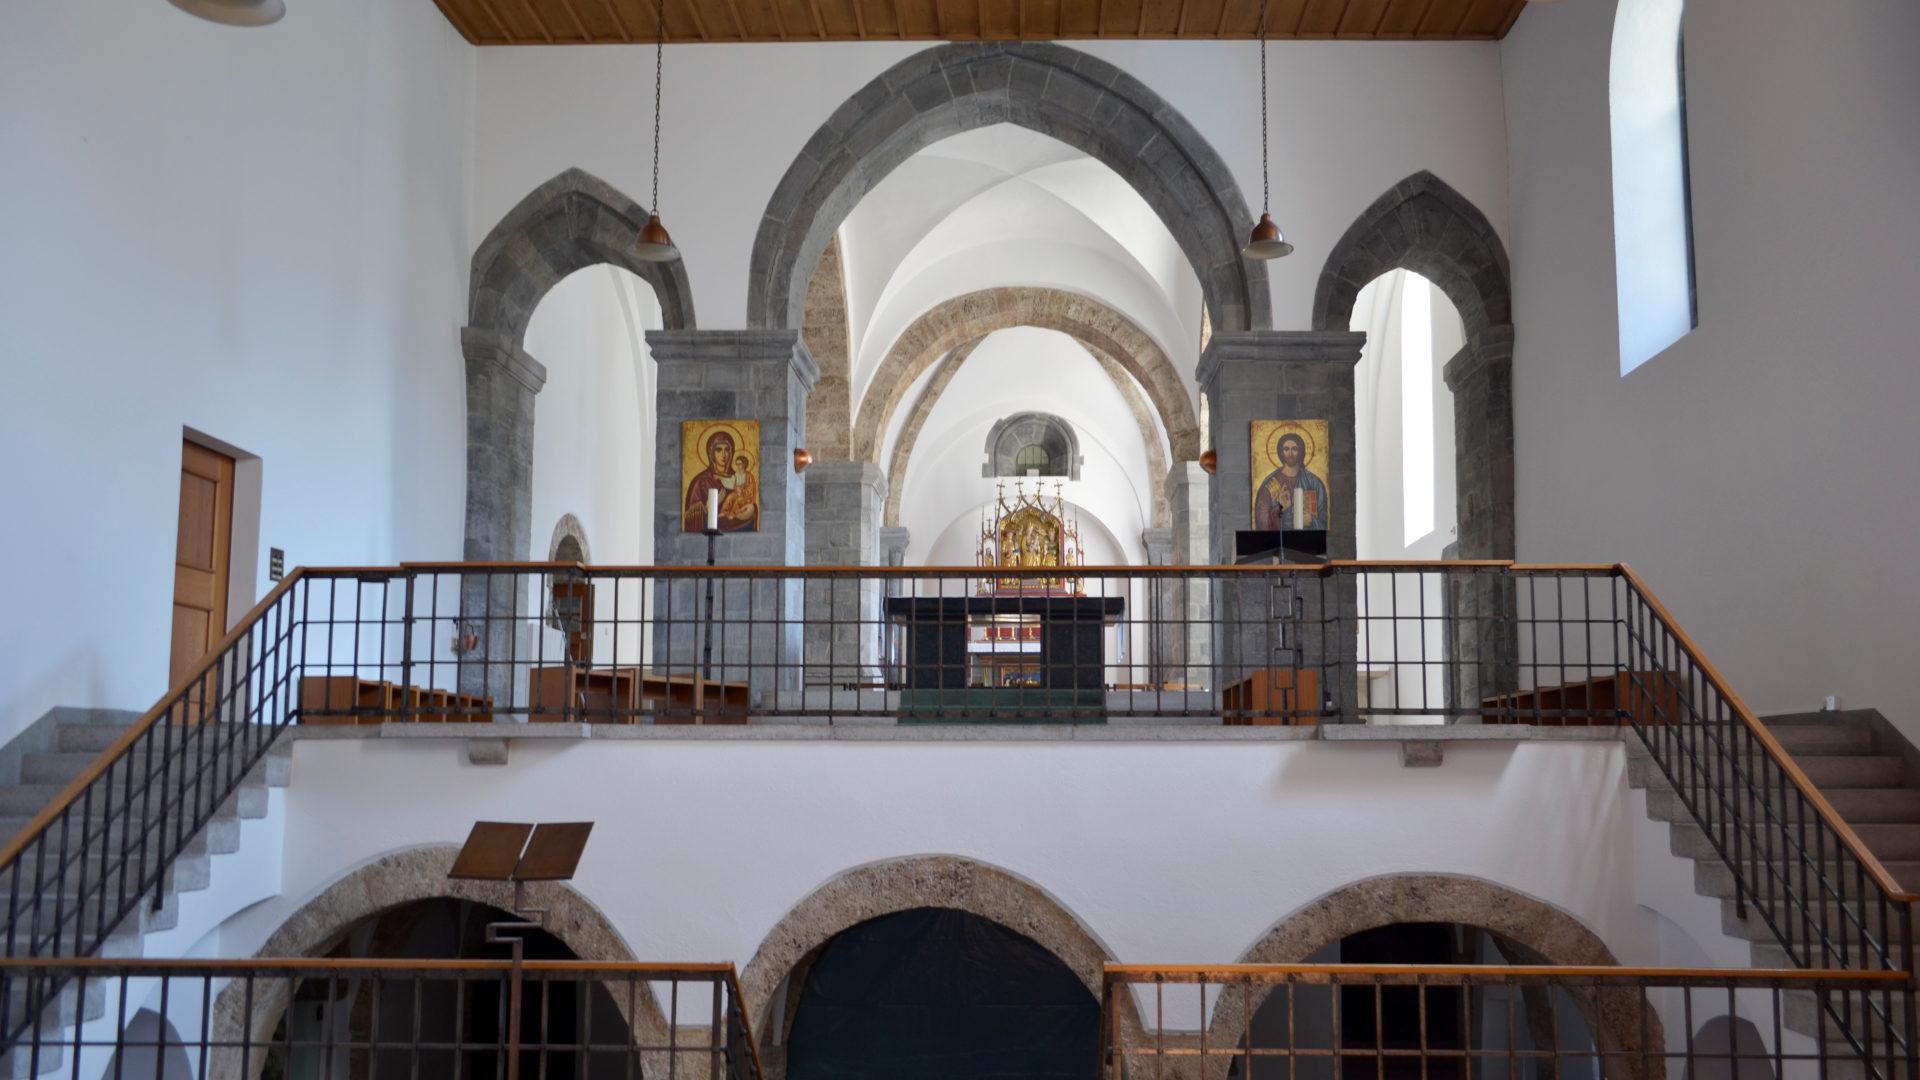 Kirche St. Luzi, Chur | © Regula Pfeifer